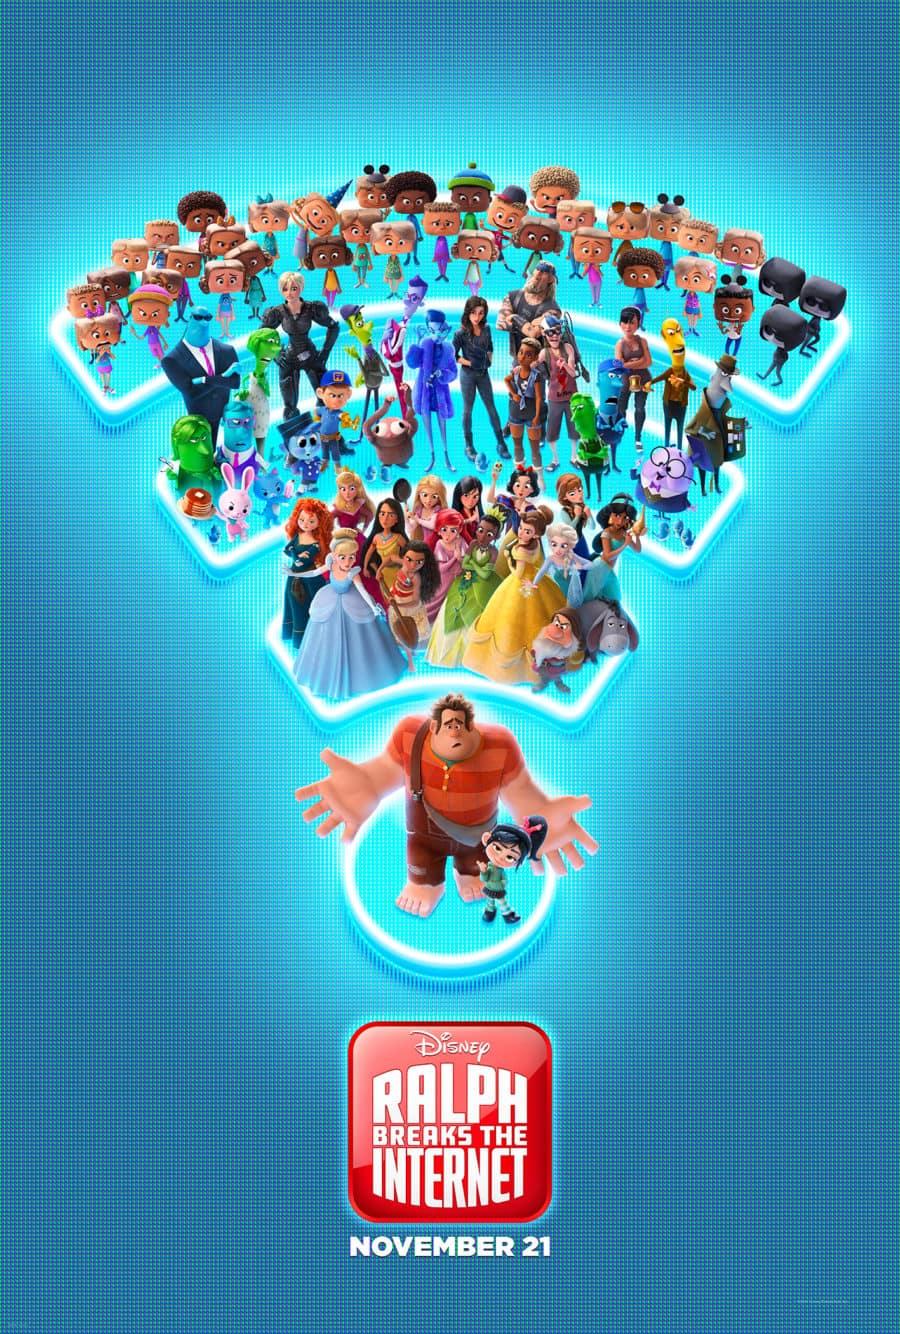 Ralph Breaks the Internet - Final Poster - Wreck It Ralph 2